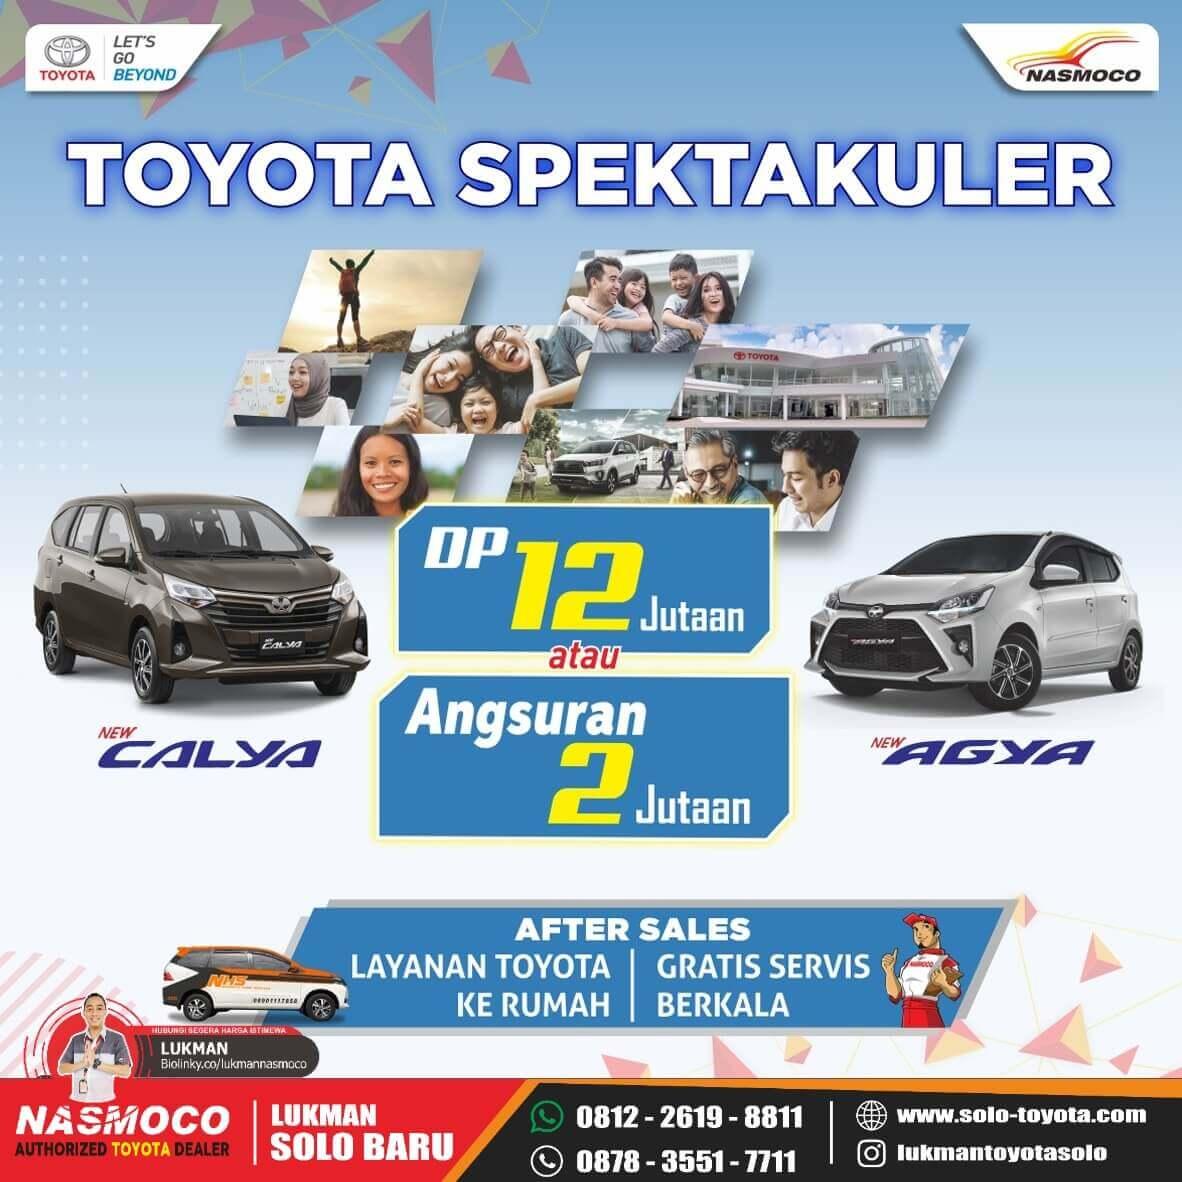 Promo Spektakuler Beli Toyota Agya Dan Calya Di Dealer Toyota Solo